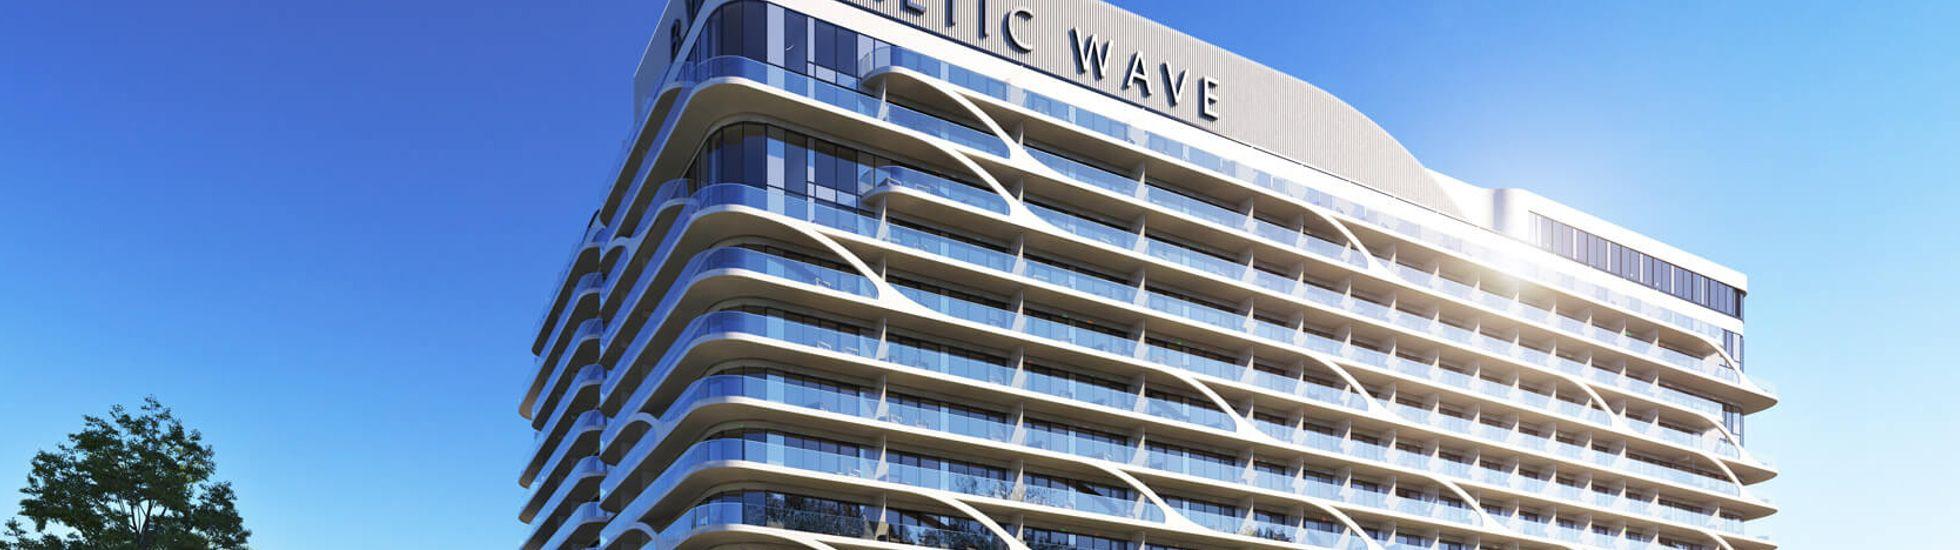 [zachodniopomorskie] Budowa condohotelu Baltic Wave w Kołobrzegu ruszyła